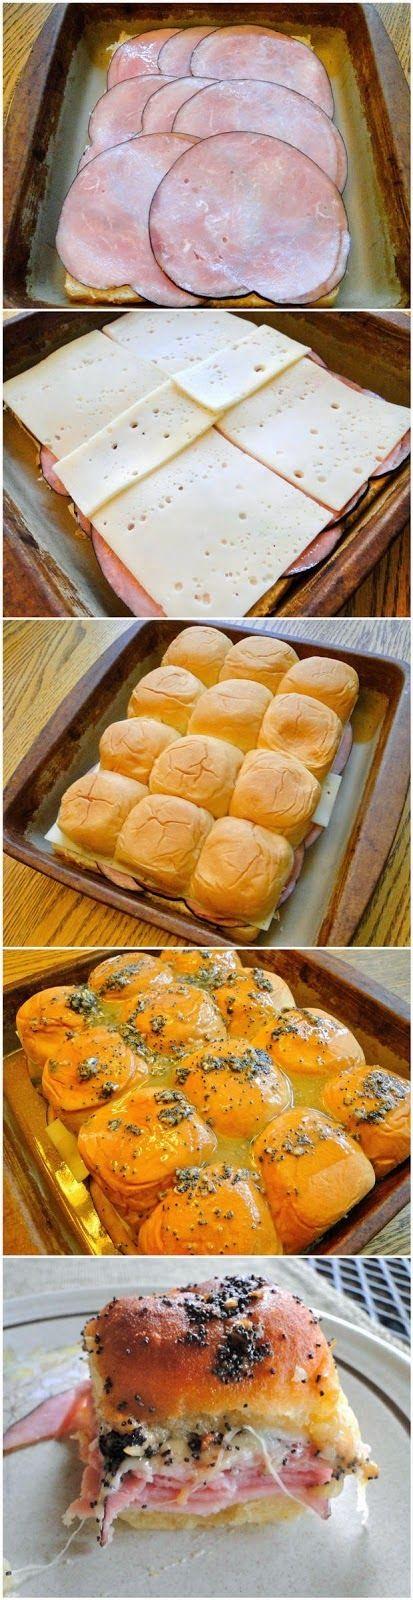 How To Make Ham & Swiss Sliders